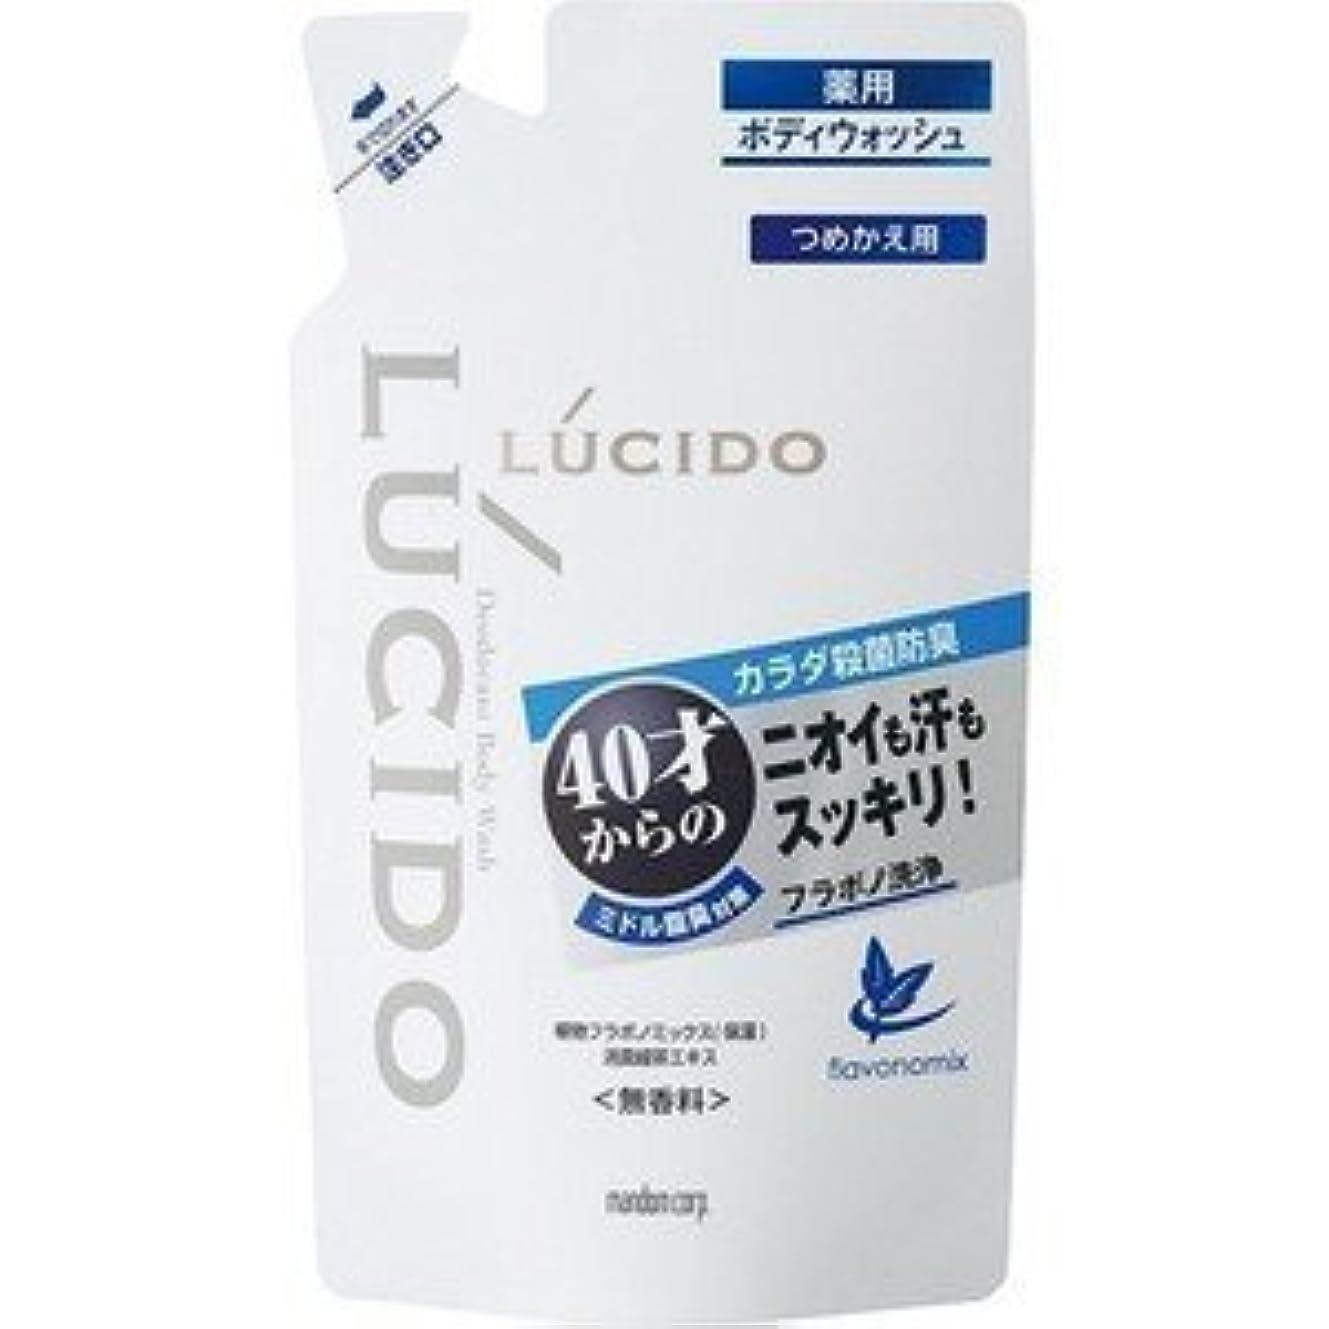 代わって以上差し引く【LUCIDO】ルシード 薬用デオドラントボディウォッシュ つめかえ用 380ml(医薬部外品)